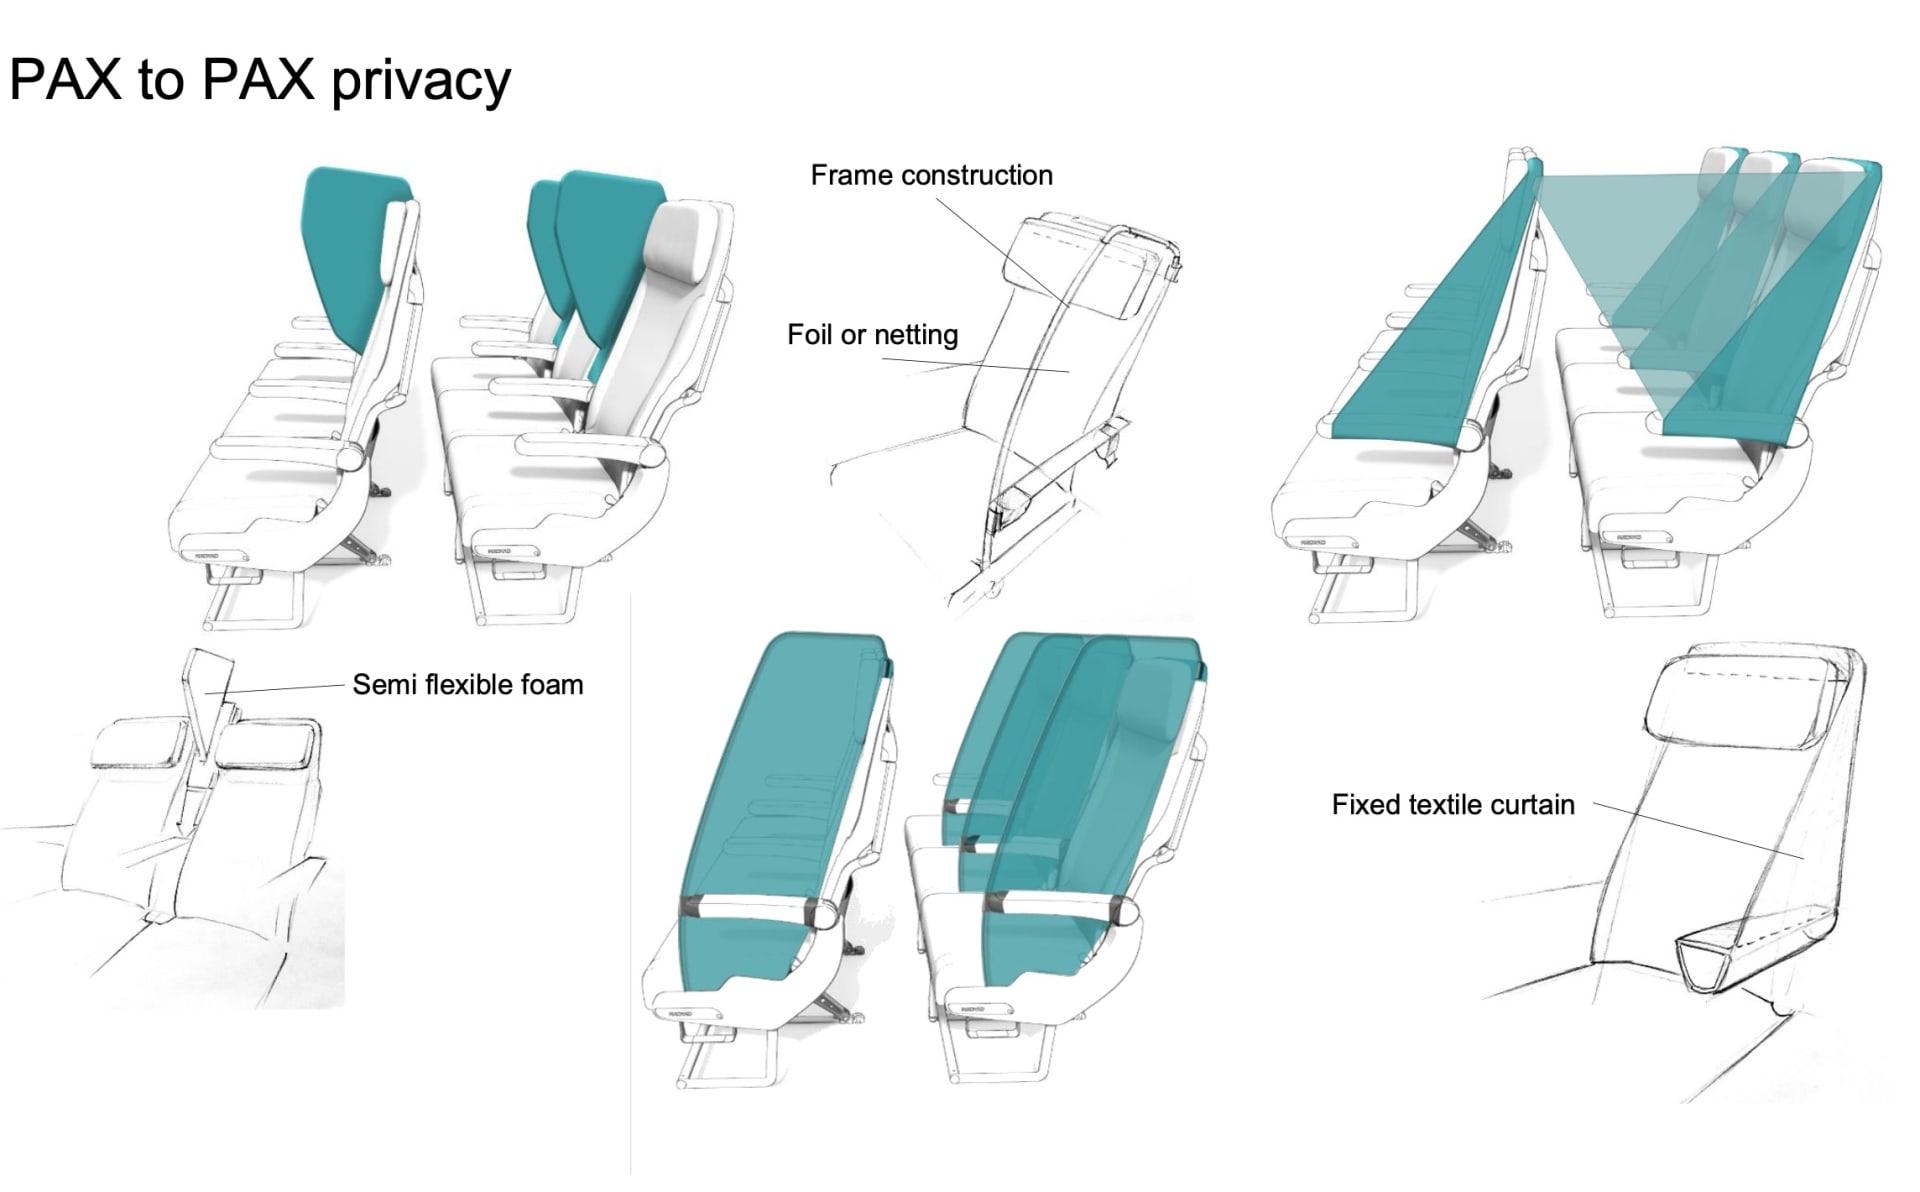 """هل ستشهد مقاعد الطائرات تغيرات جوهرية خلال حقبة """"كوفيد-19""""؟"""